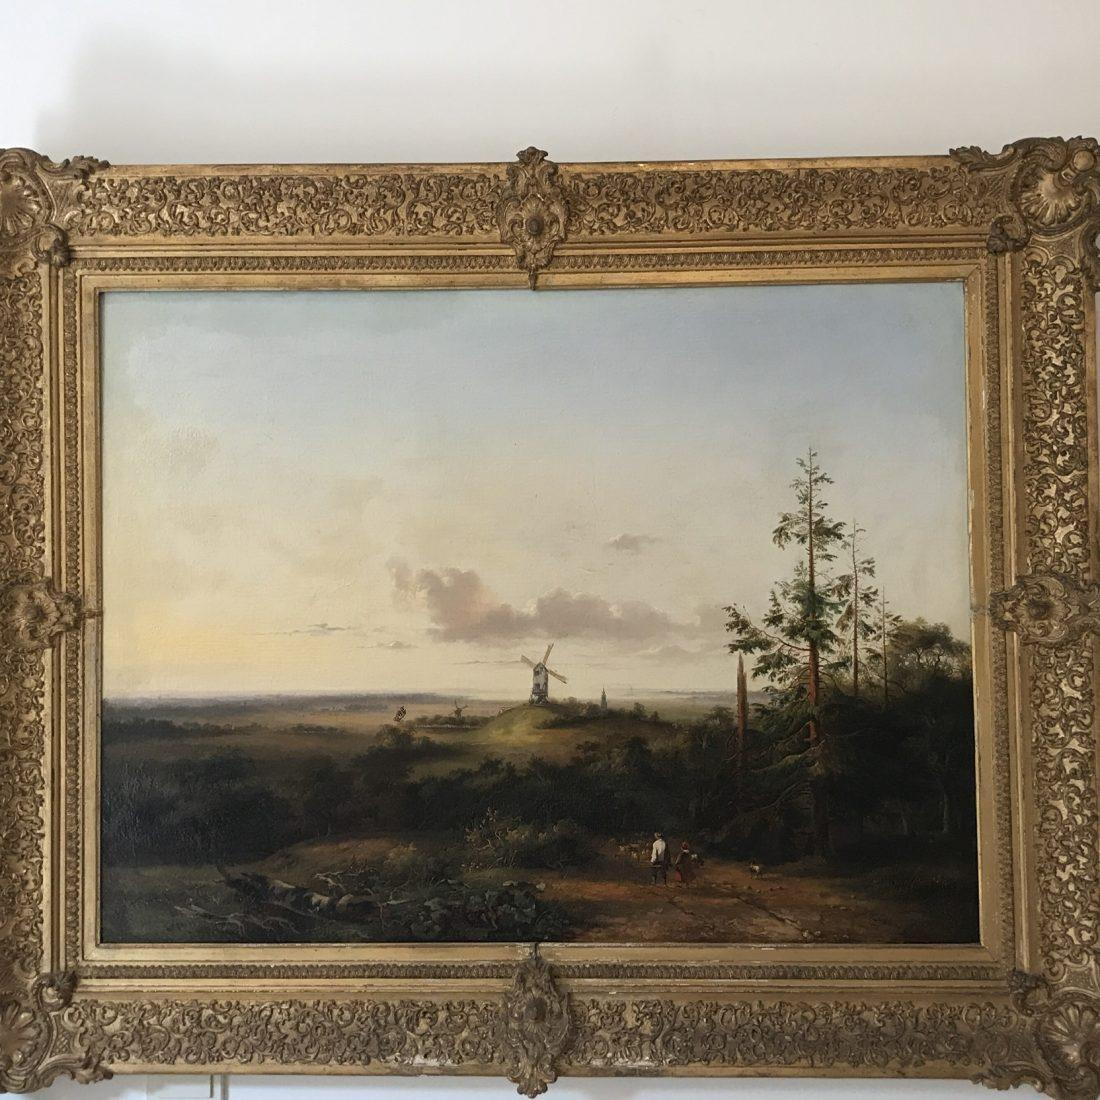 Ferdinand Hendrik Sypkens (1813 – 1860), Boslandschap met diverse dieren en personen